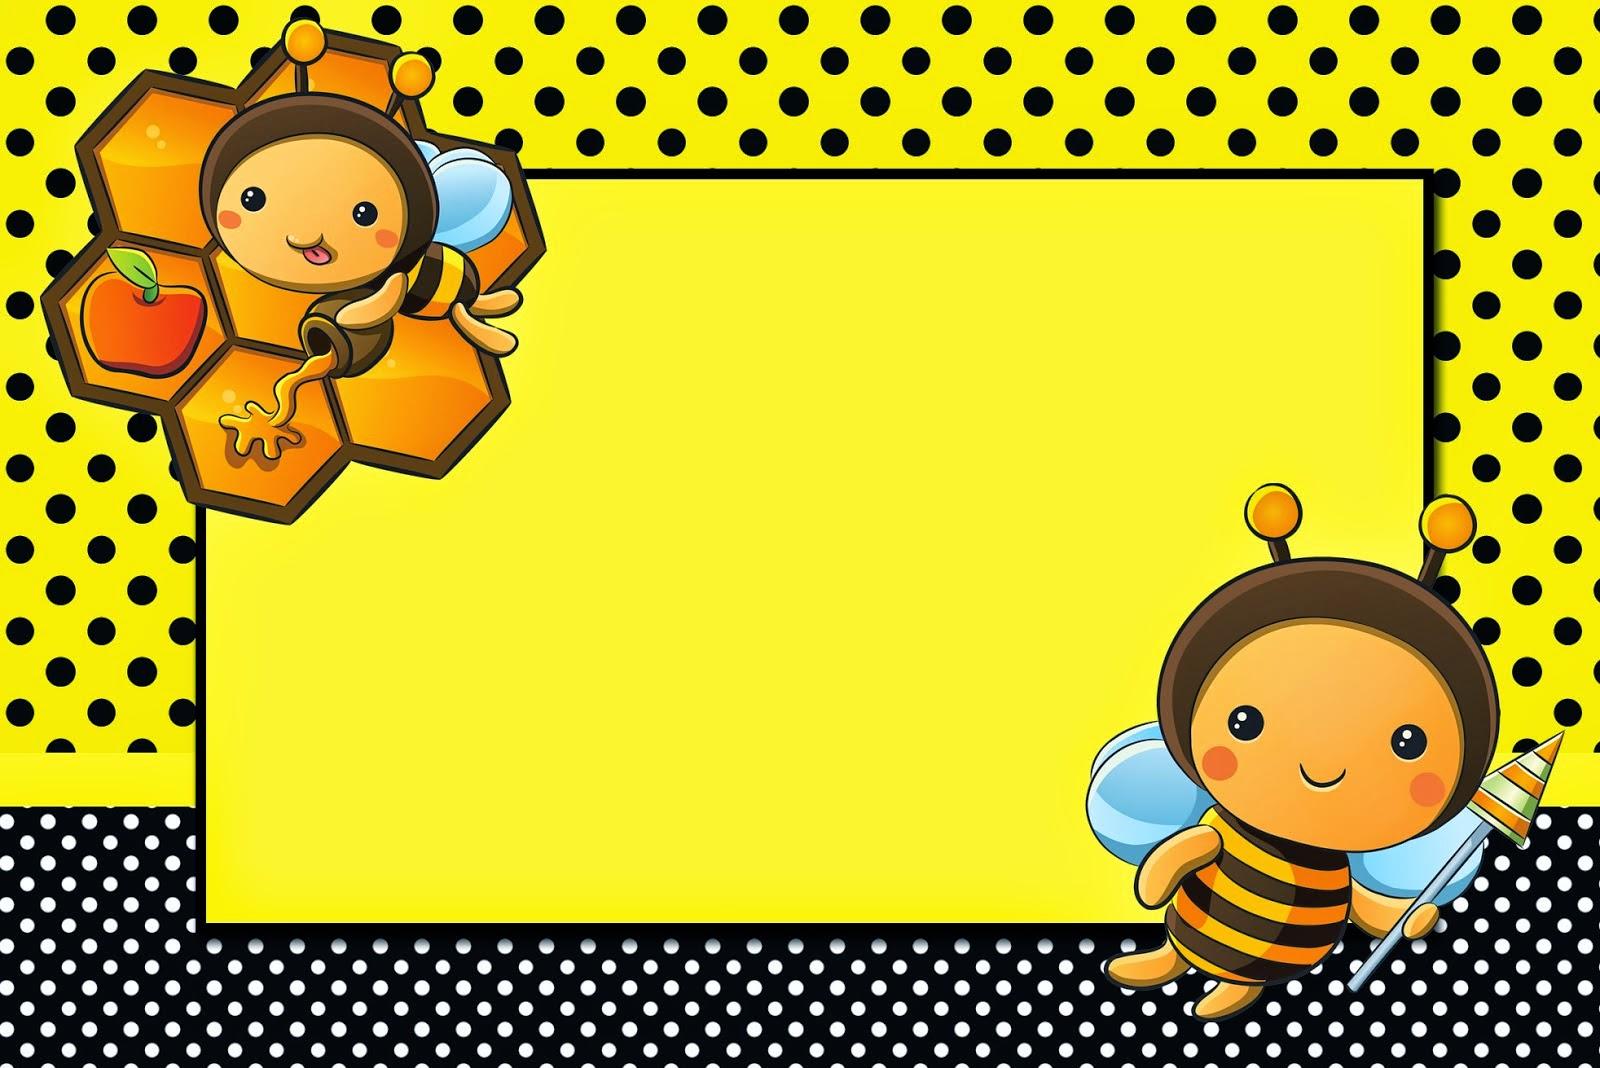 Para hacer invitaciones, tarjetas, marcos de fotos o etiquetas, para imprimir gratis de Abejitas Bebé.